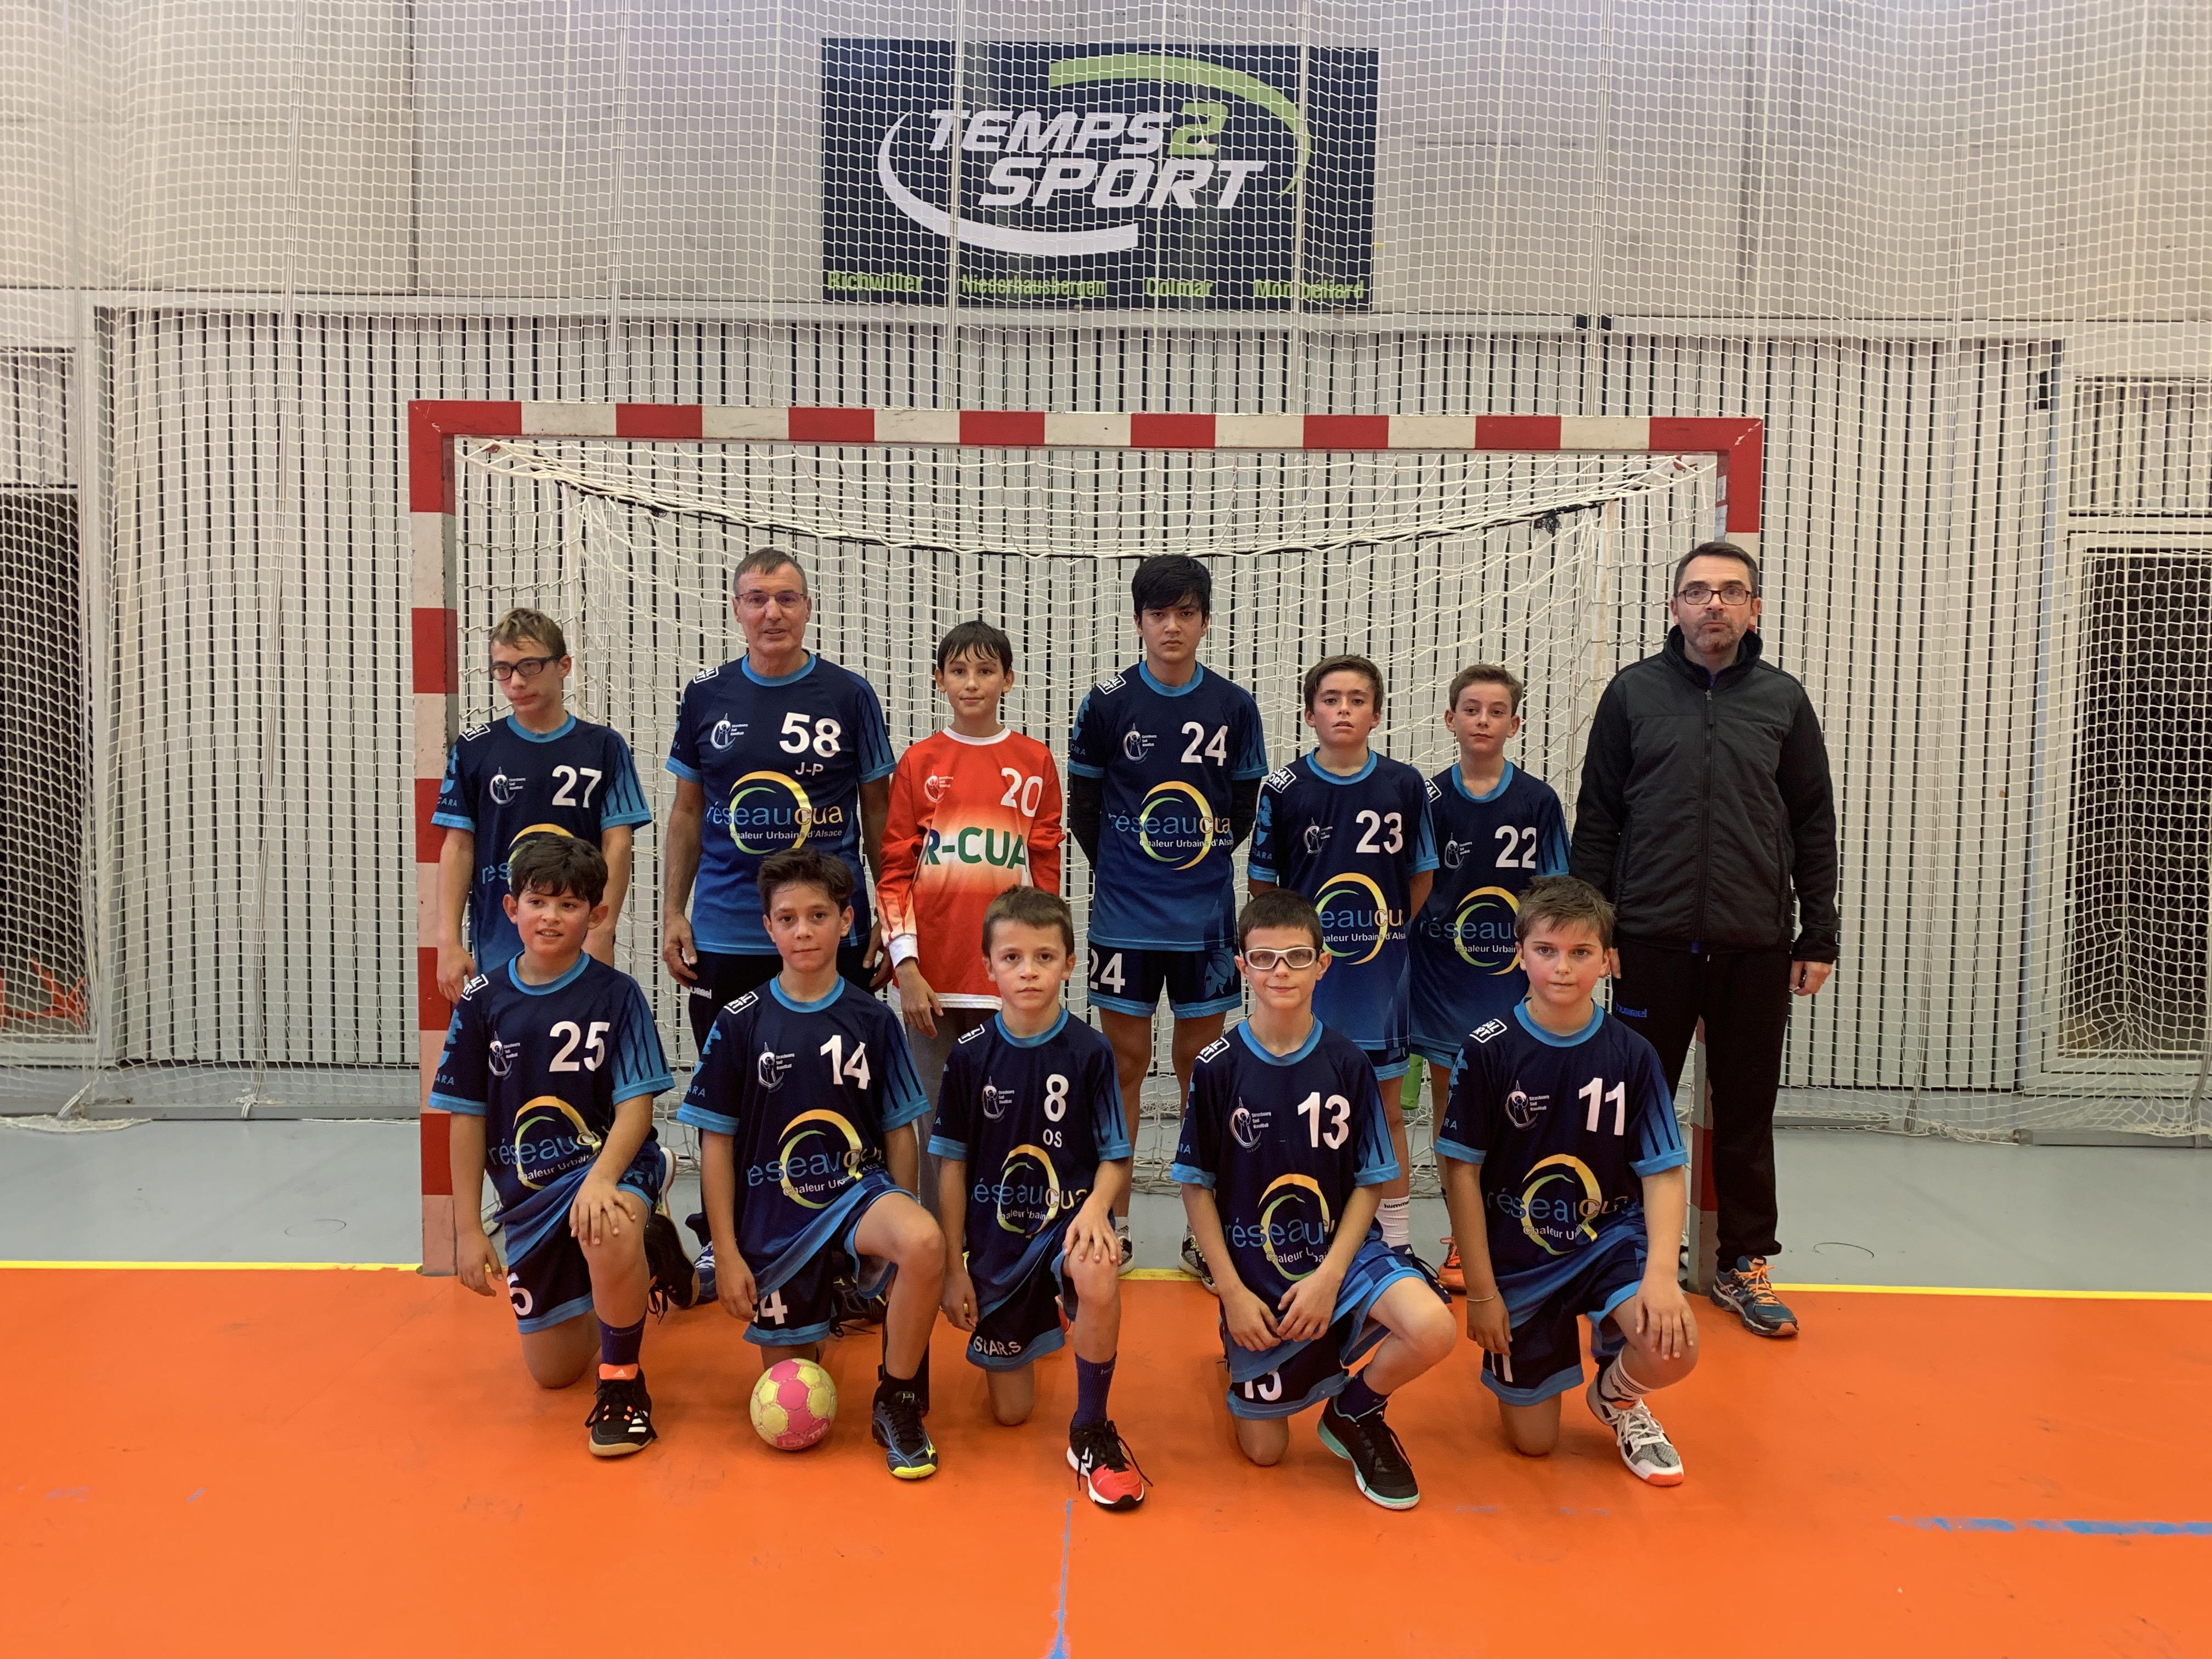 Équipe SSHB des moins de 13 masculins